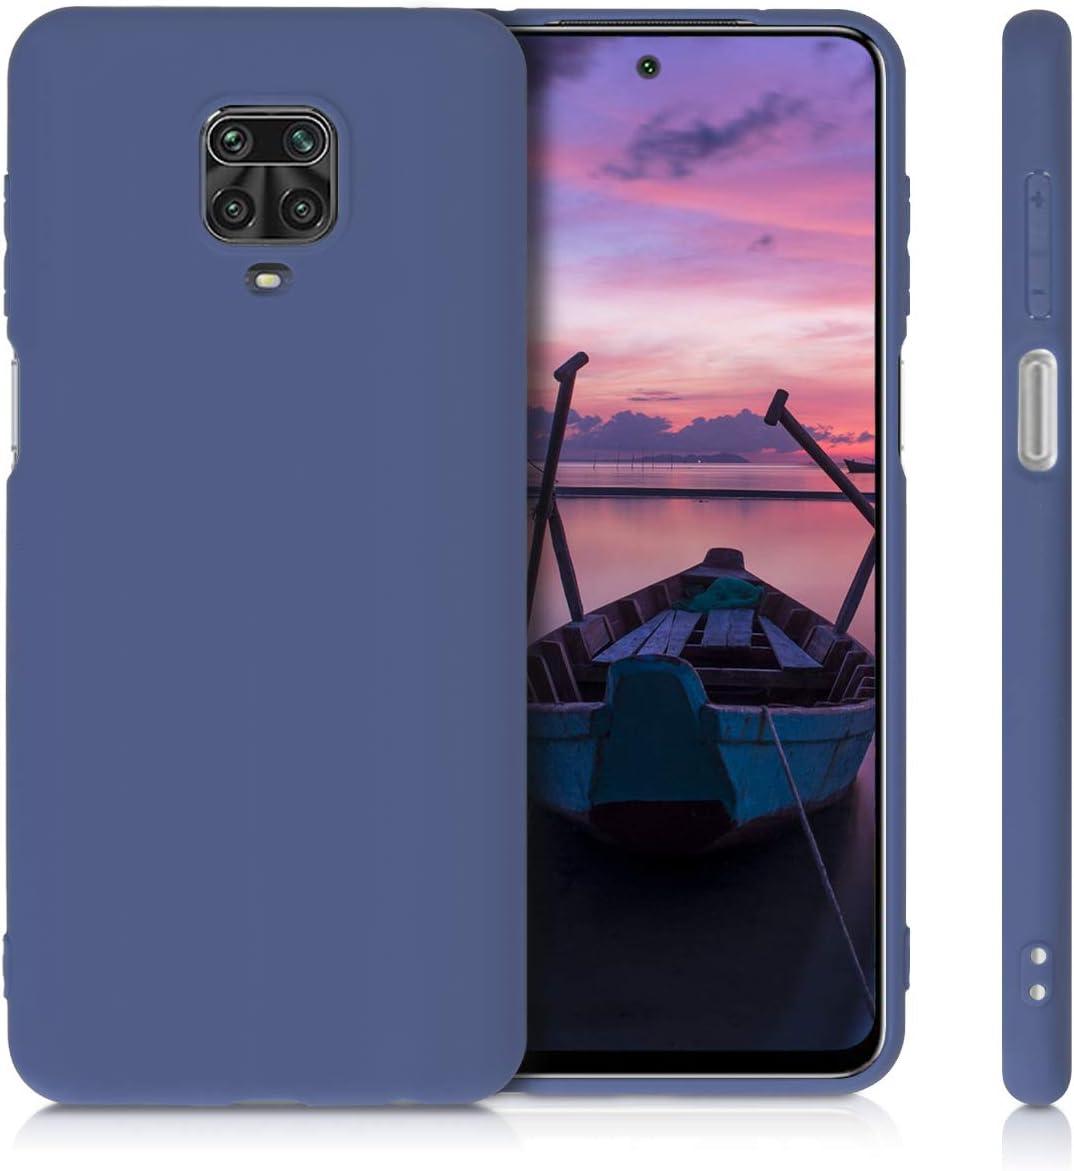 Protector Trasero en petr/óleo Metalizado 9 Pro MAX 9 Pro Carcasa m/óvil de Silicona kwmobile Funda Compatible con Xiaomi Redmi Note 9S